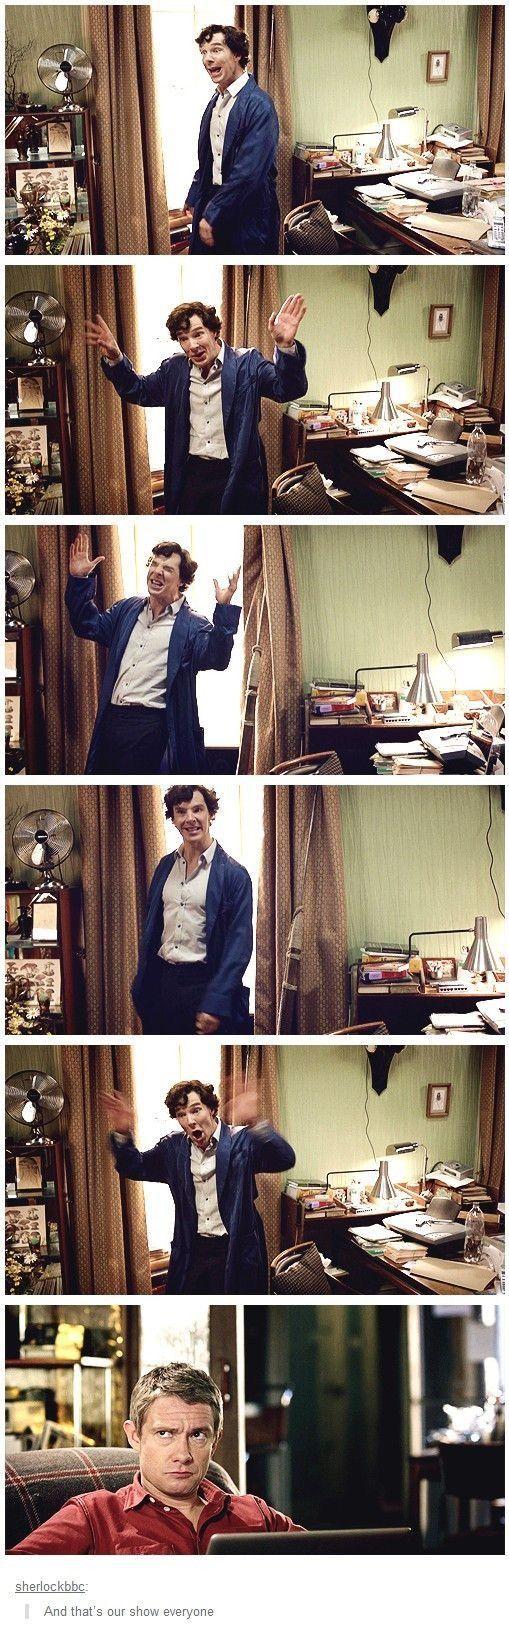 Sherlock is me and john is everyone else